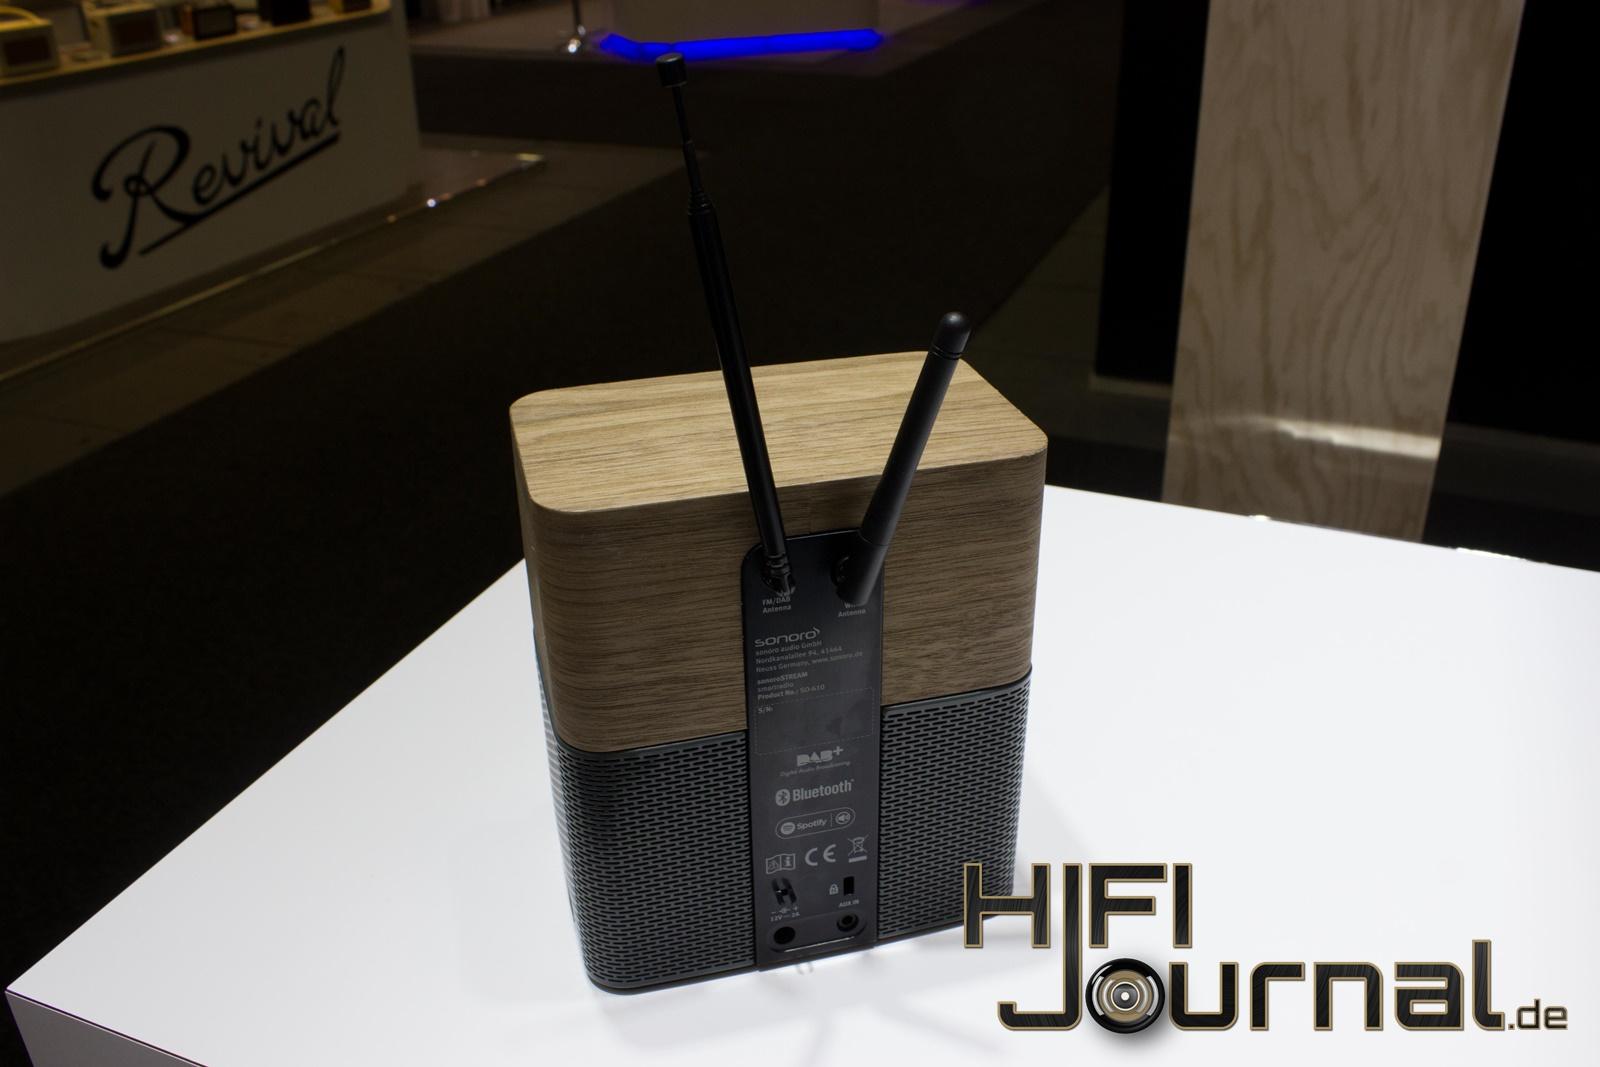 So Können Mehrere Lautsprecher, Welche Sich Im Selben WLAN Netzwerk  Befinden, Gleichzeitig Gesteuert Werden Um Dieselbe Musik In Allen Räumen  Abzuspielen, ...